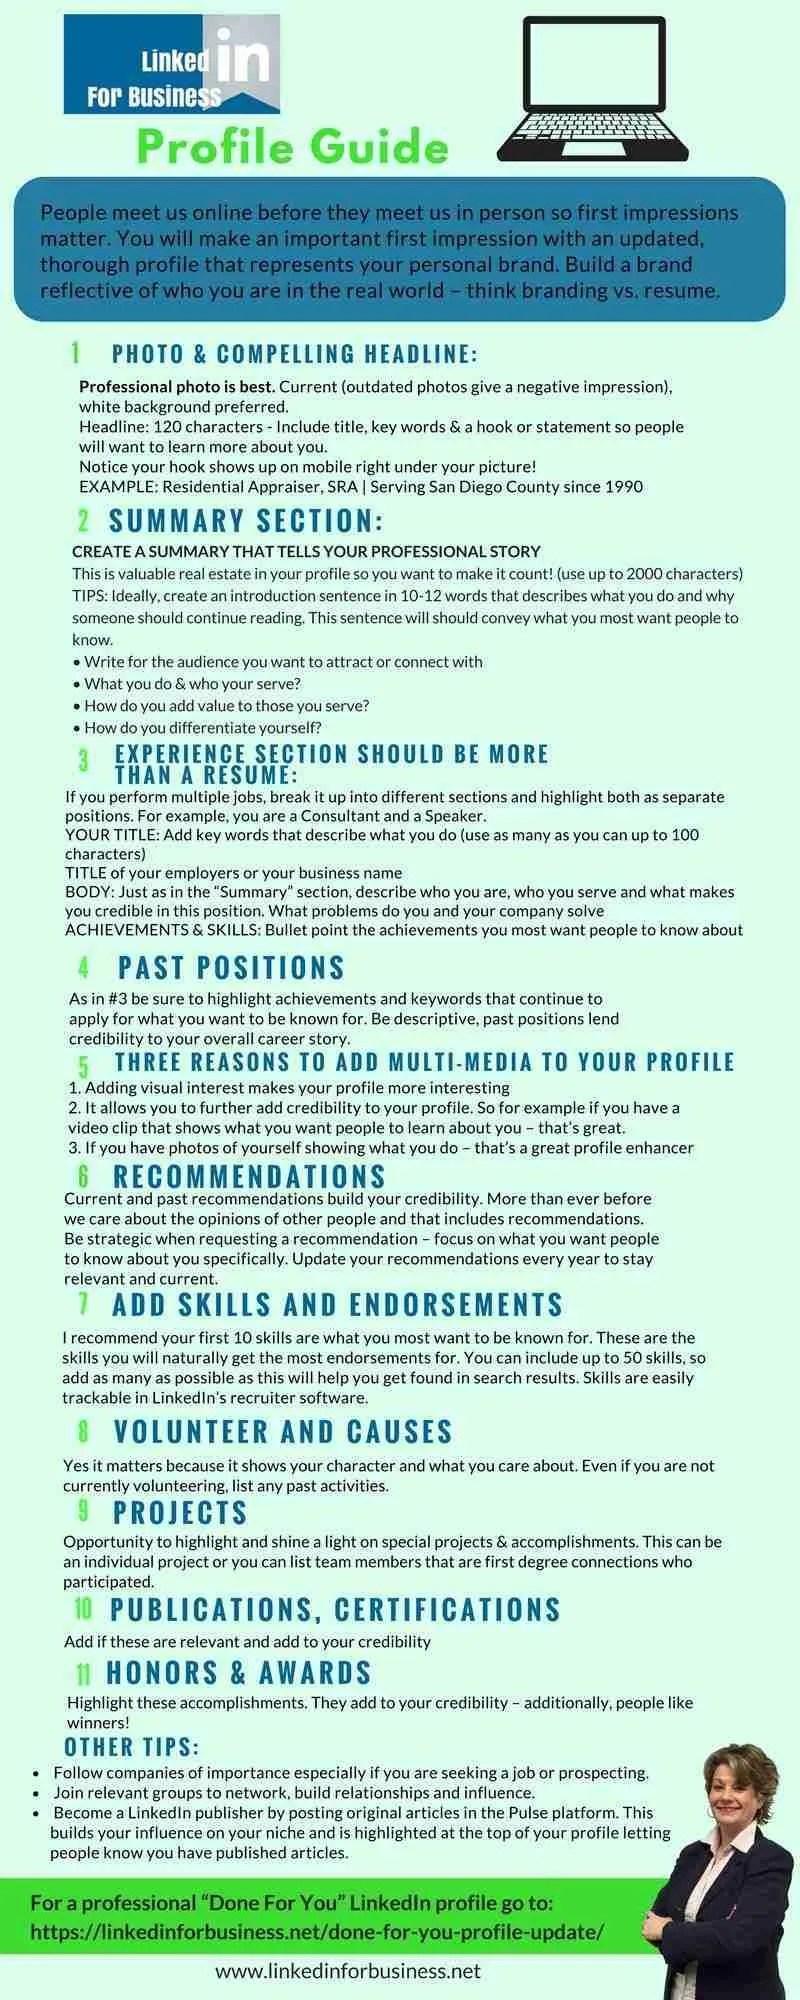 LinkedIn Profile Guide Inforaphic